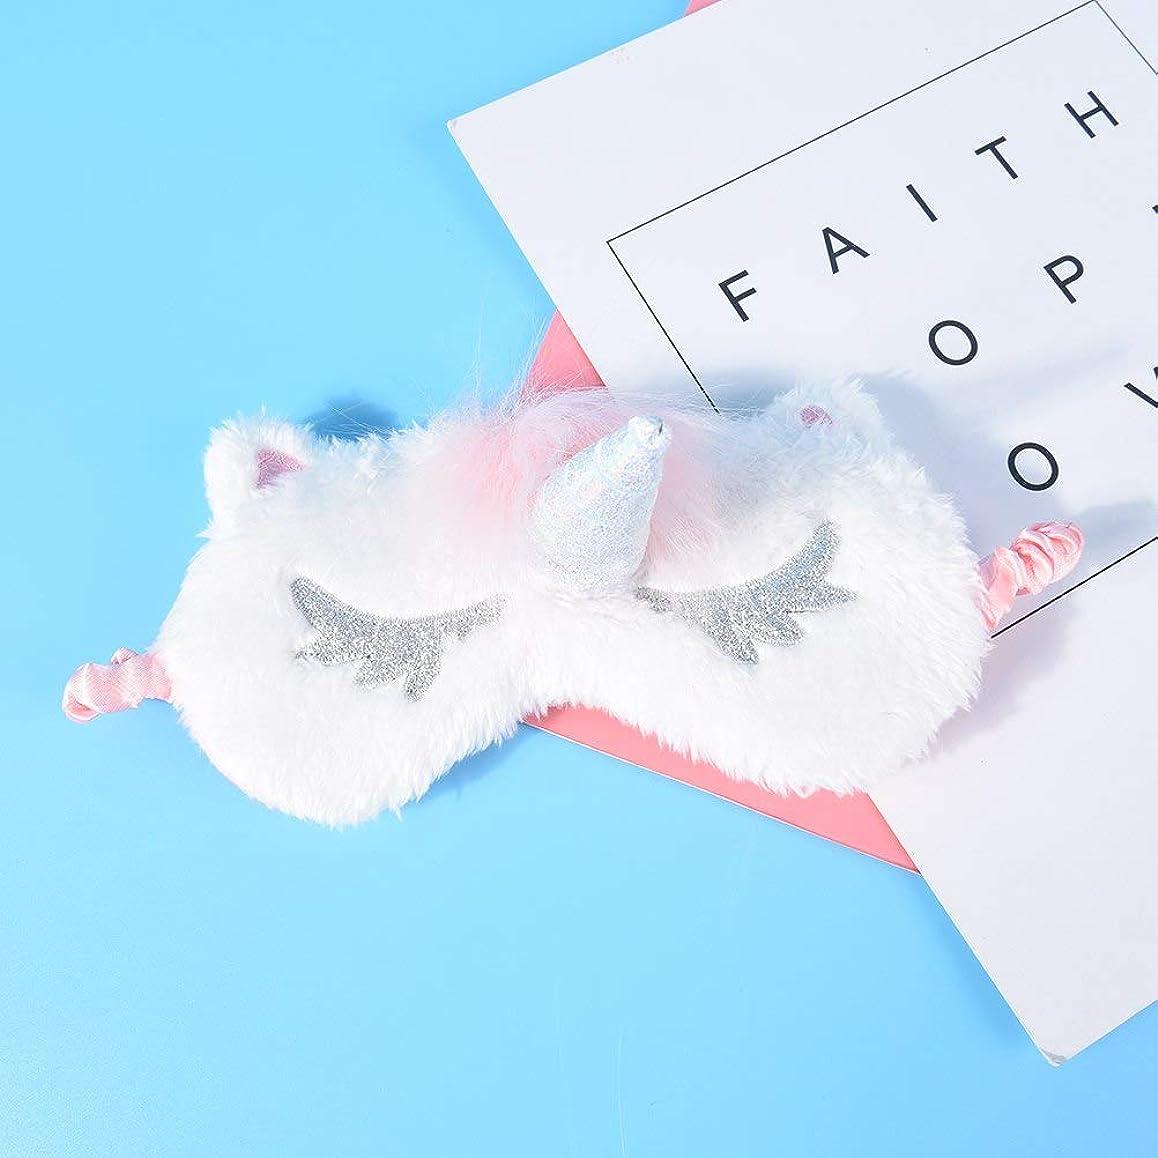 シェルアンプ名義でNOTE ソフトぬいぐるみファジィ動物ホワイト/ピンクユニコーン睡眠3dアイマスクケアツール車の飛行機旅行アイシェーディングブラインドギフト用女の子